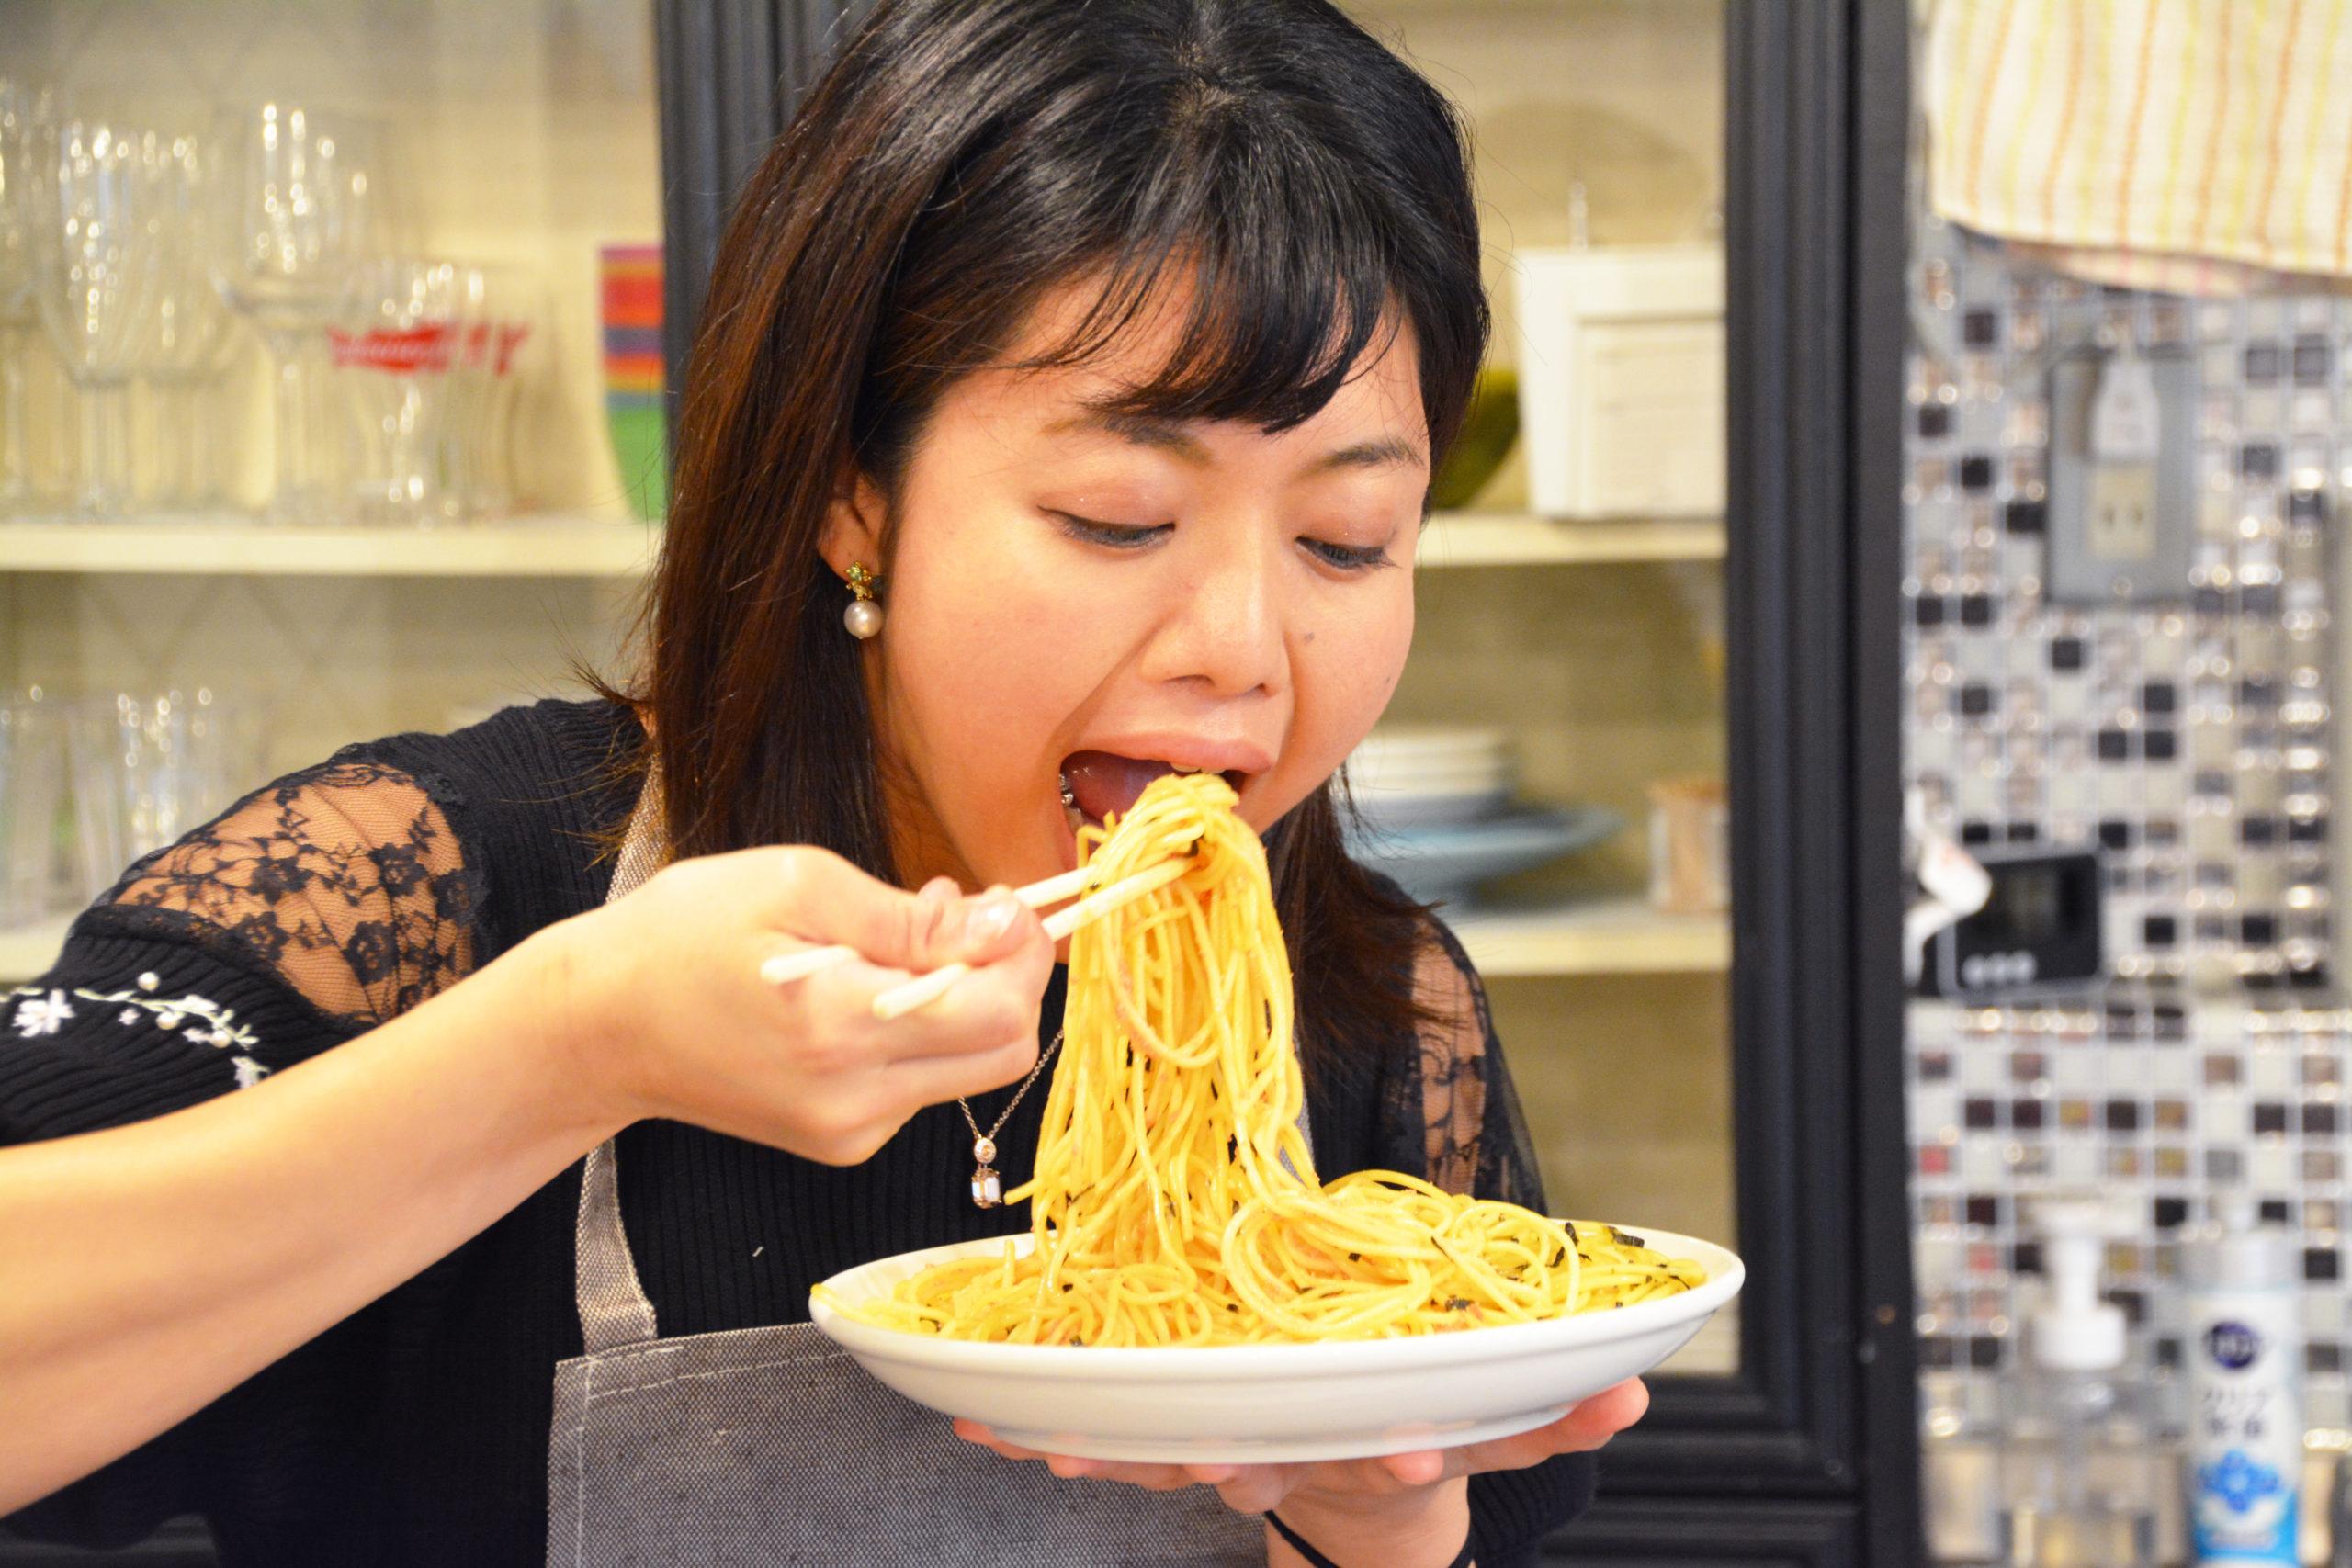 大食いYouTuber~KASUMI ASMRから学ぶ!信頼とイメージを守る方法